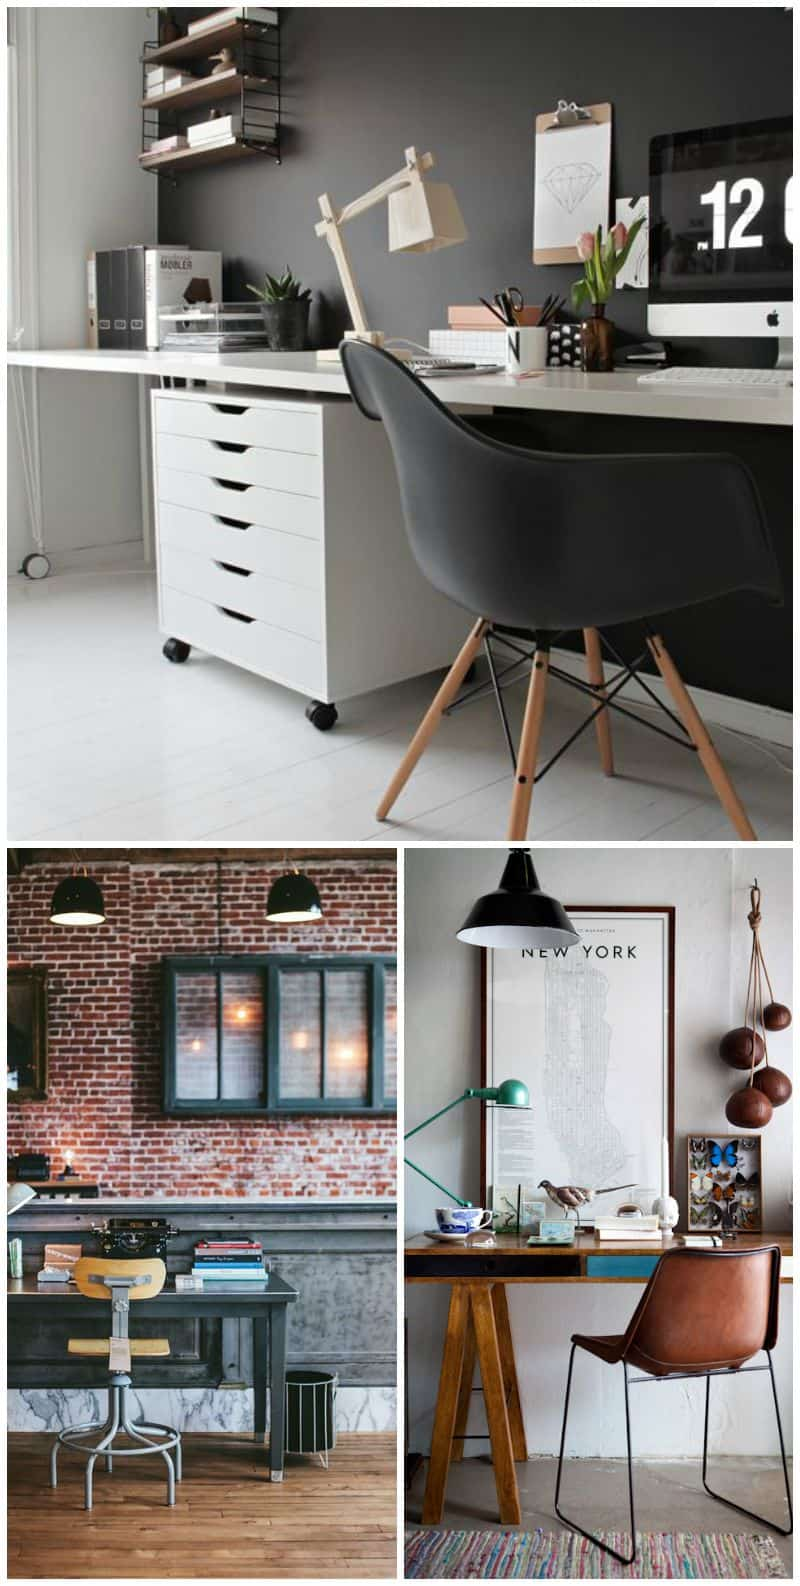 studio in stile industrial arredo fai da te tuttoferramenta lampada in legno per scrivania cavalletti